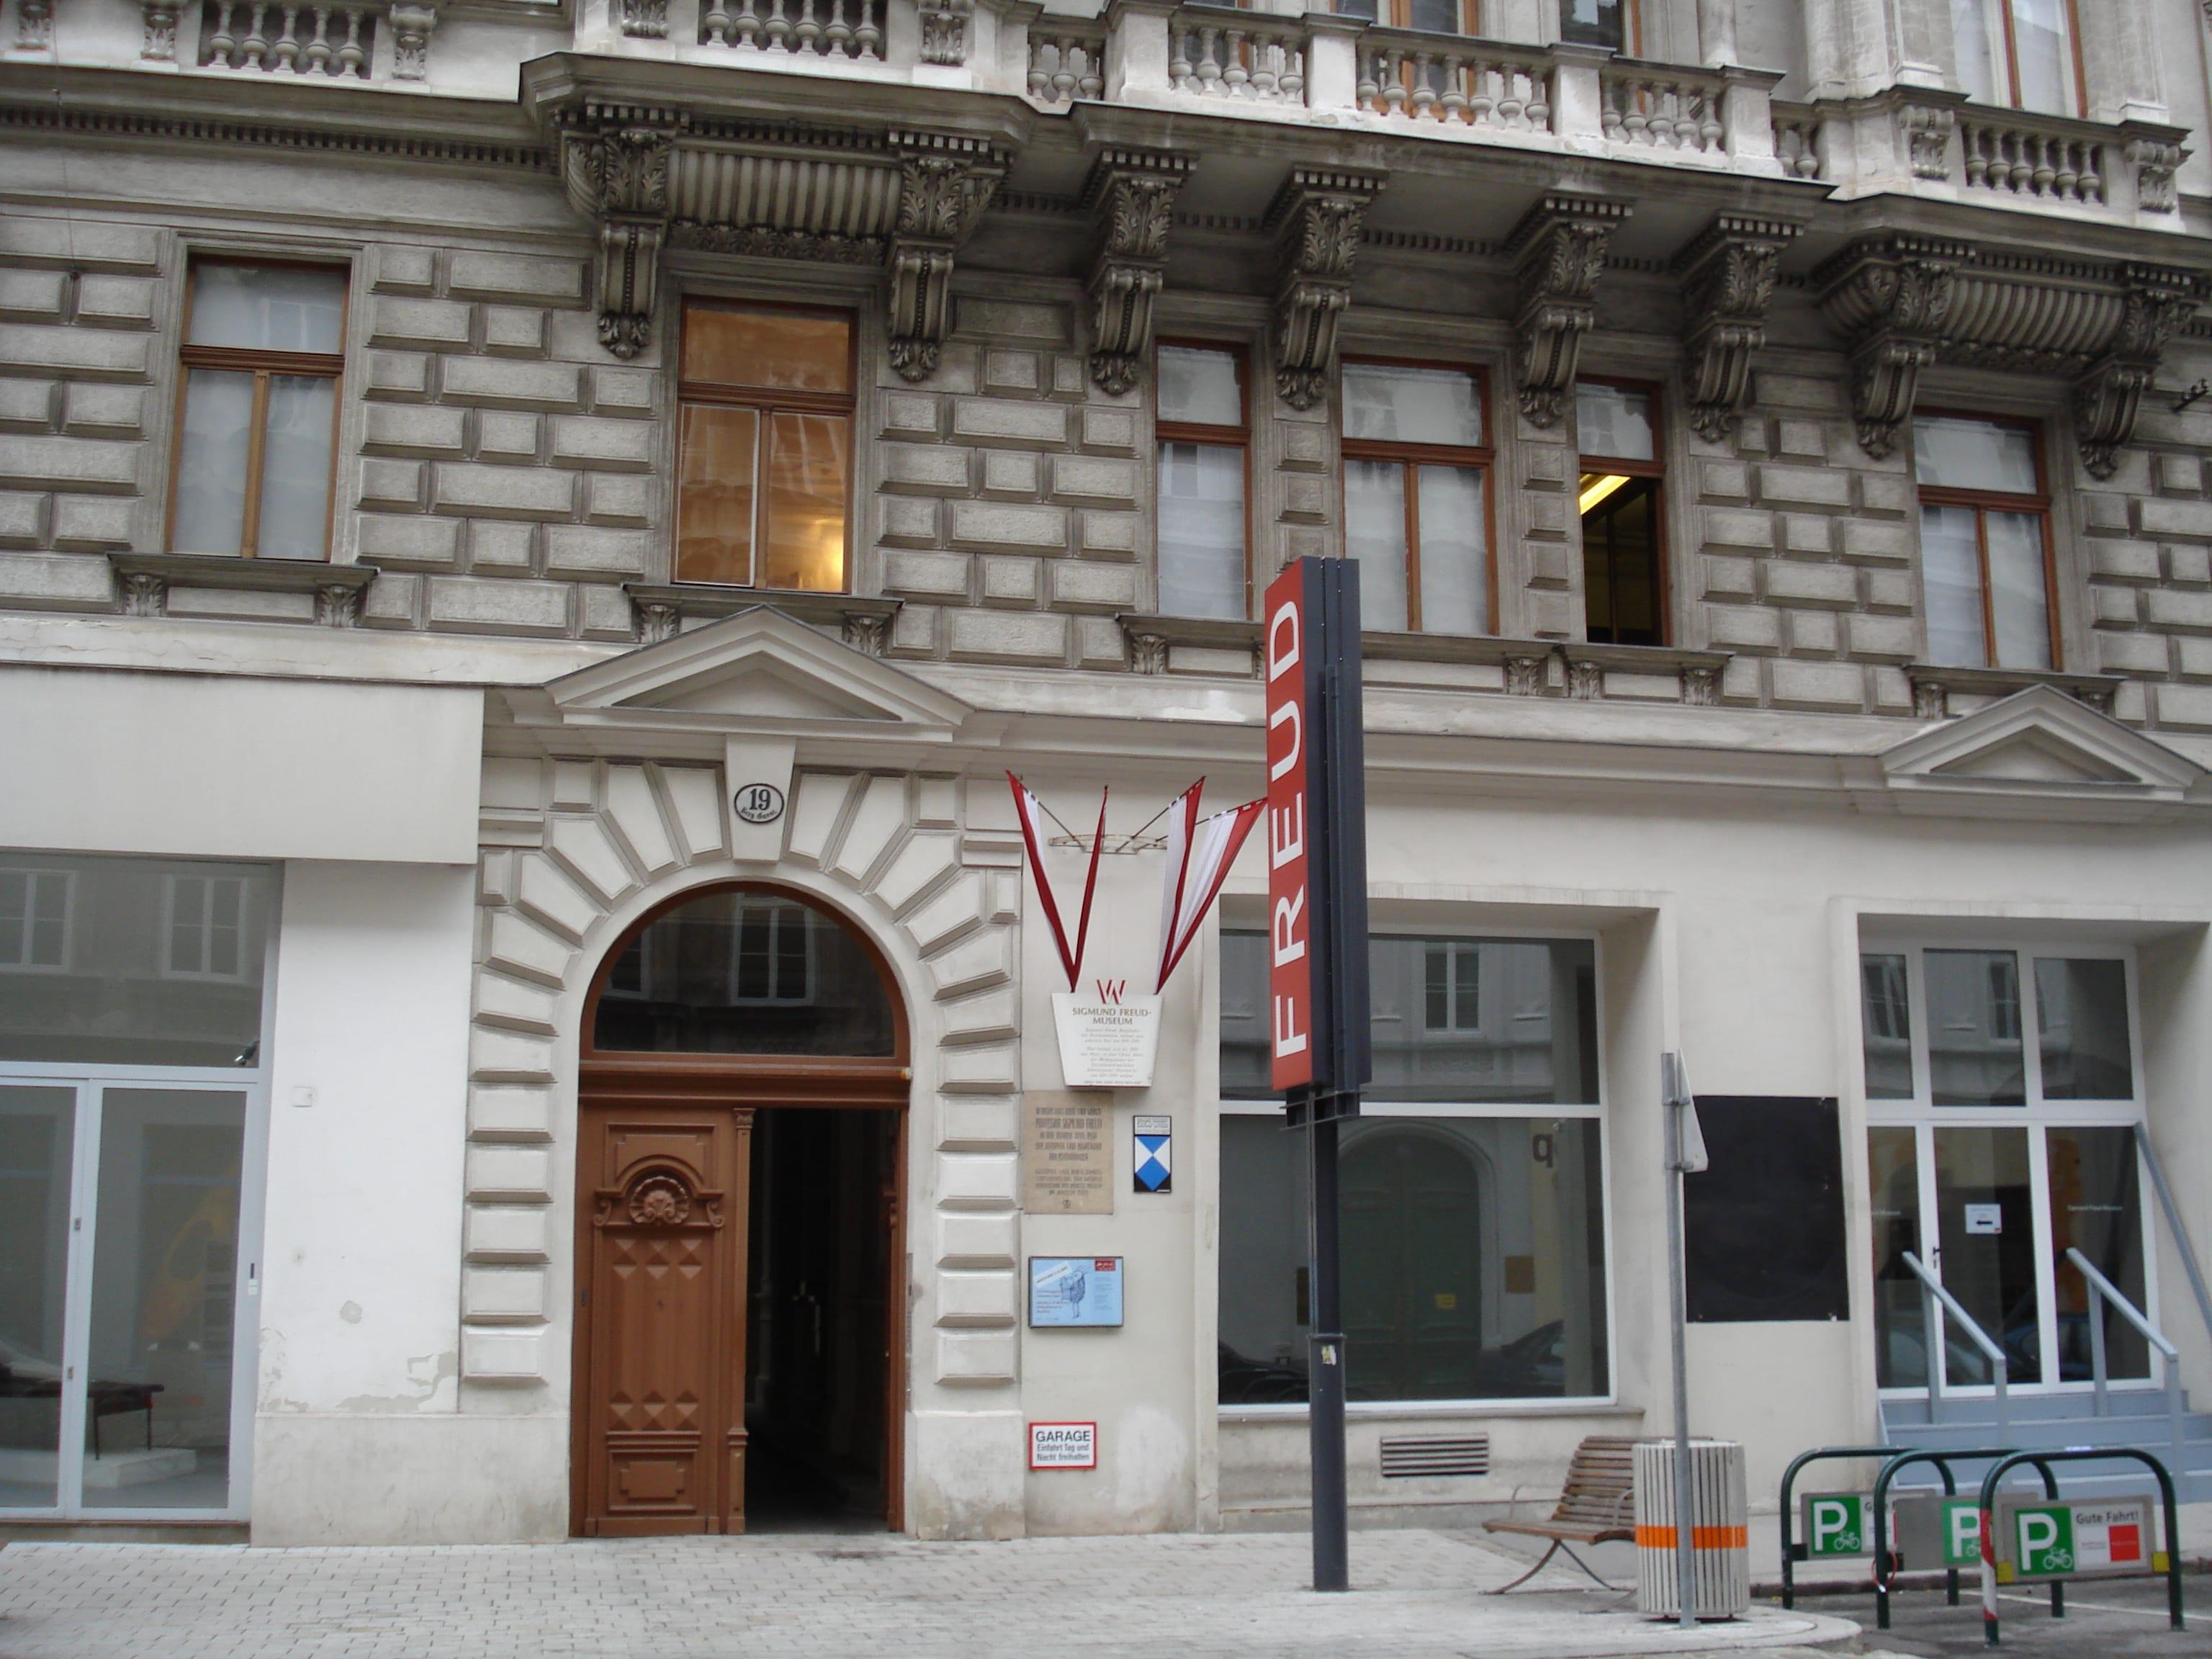 Consulta de Sigmund Freud en Viena